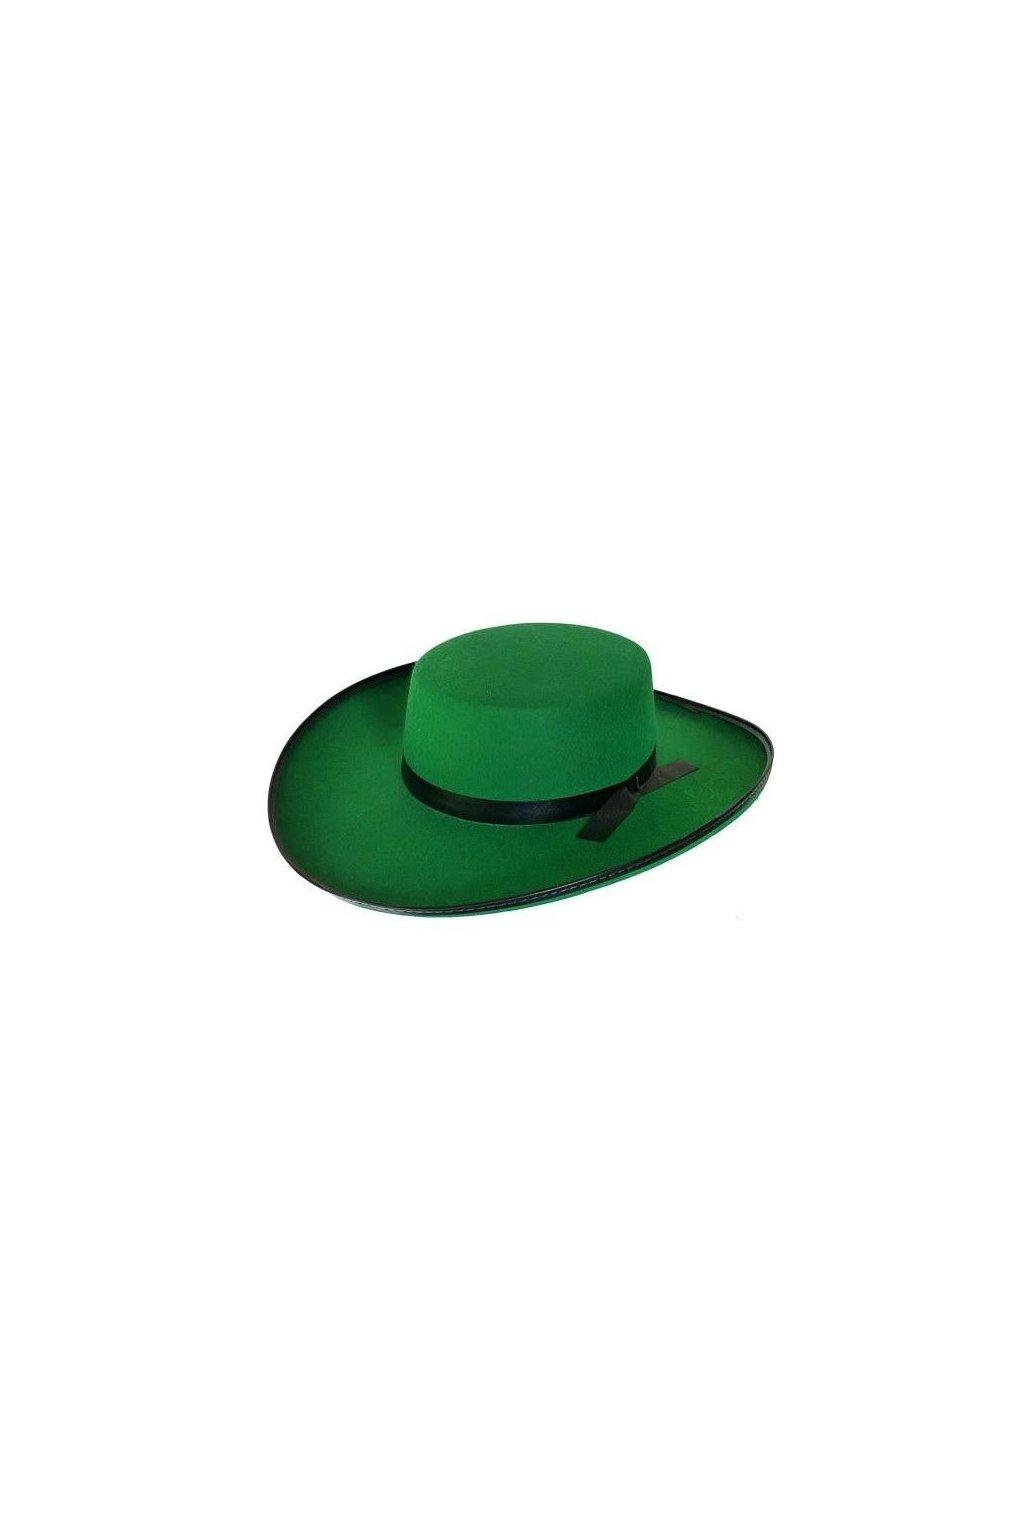 Klobouk zelený s černou stuhou